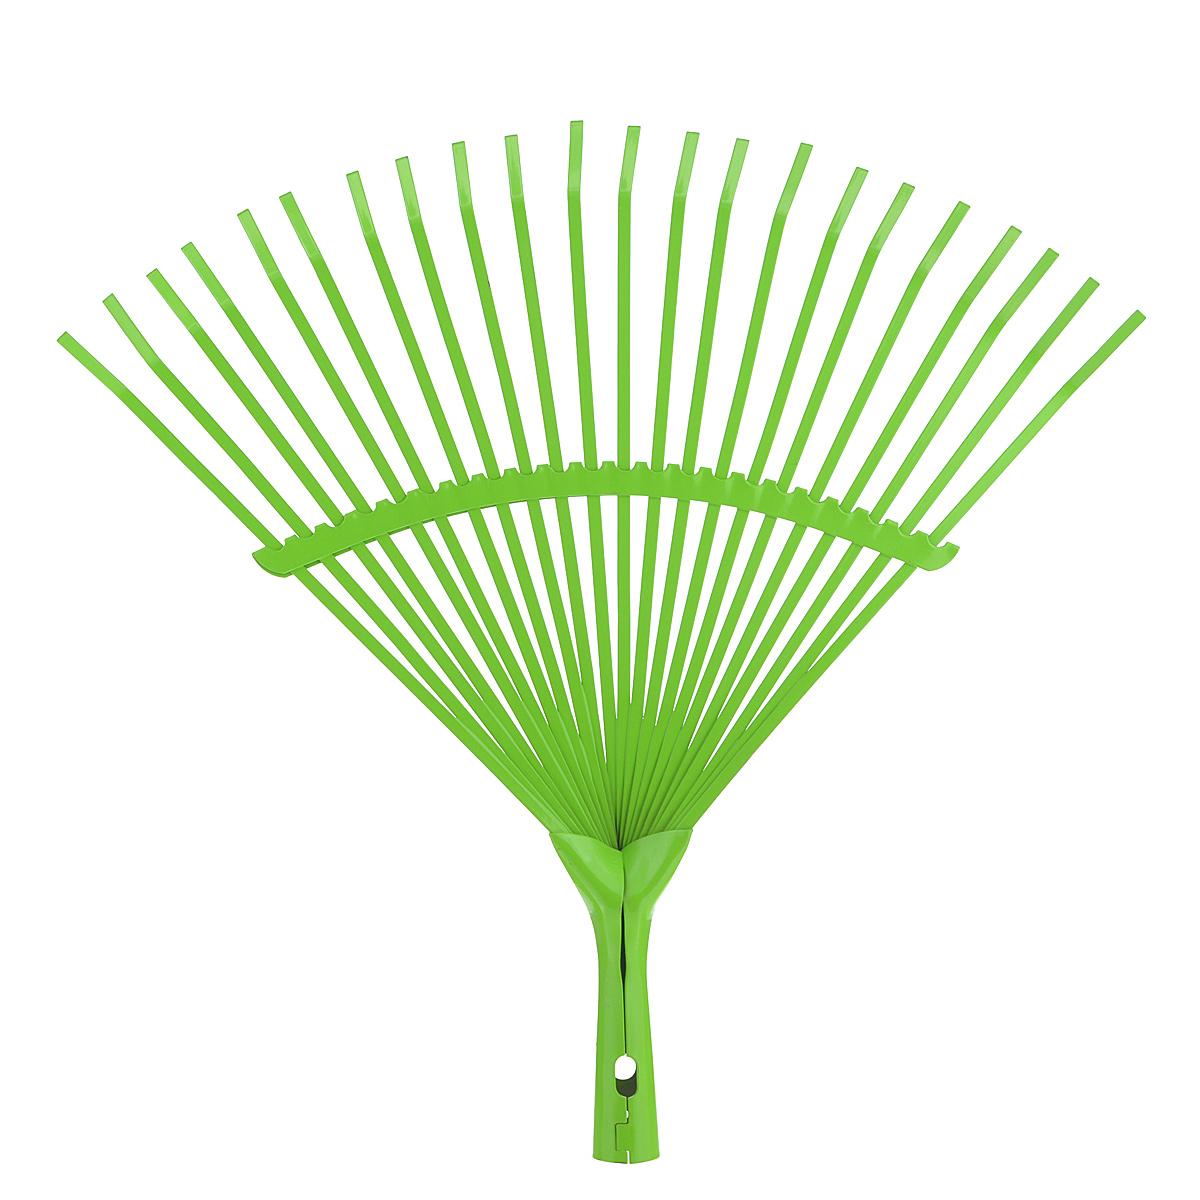 Грабли веерные Greenell, усиленные, цвет: салатовый, 22 зуба790009Веерные грабли Greenell изготовлены из металла и предназначены для работы в саду или на приусадебном участке. Такими граблями удобно сгребать листья, мусор и сорняки. Благодаря большому количеству зубцов, расположенных по принципу веера, уборка территории будет сделана в короткие сроки. Черенок в комплект не входит.